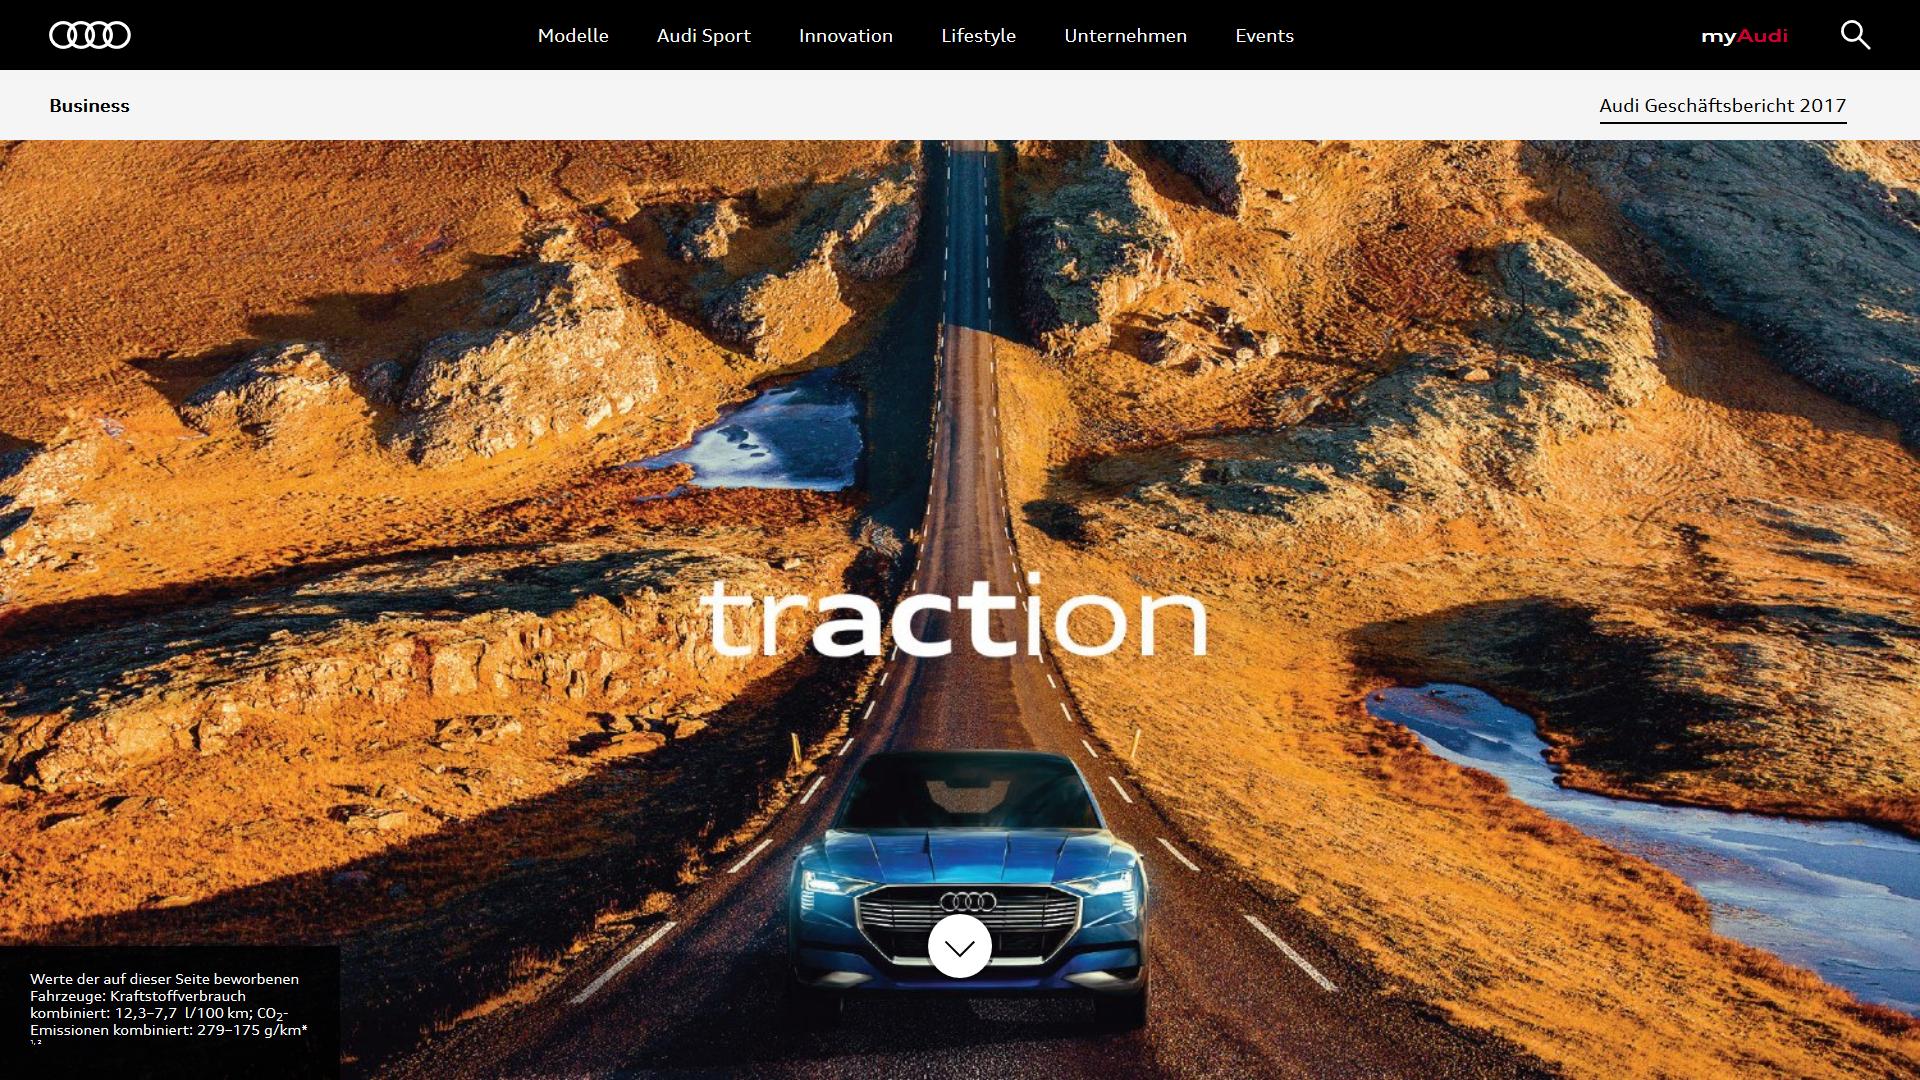 Audi Geschäftsbericht 2017